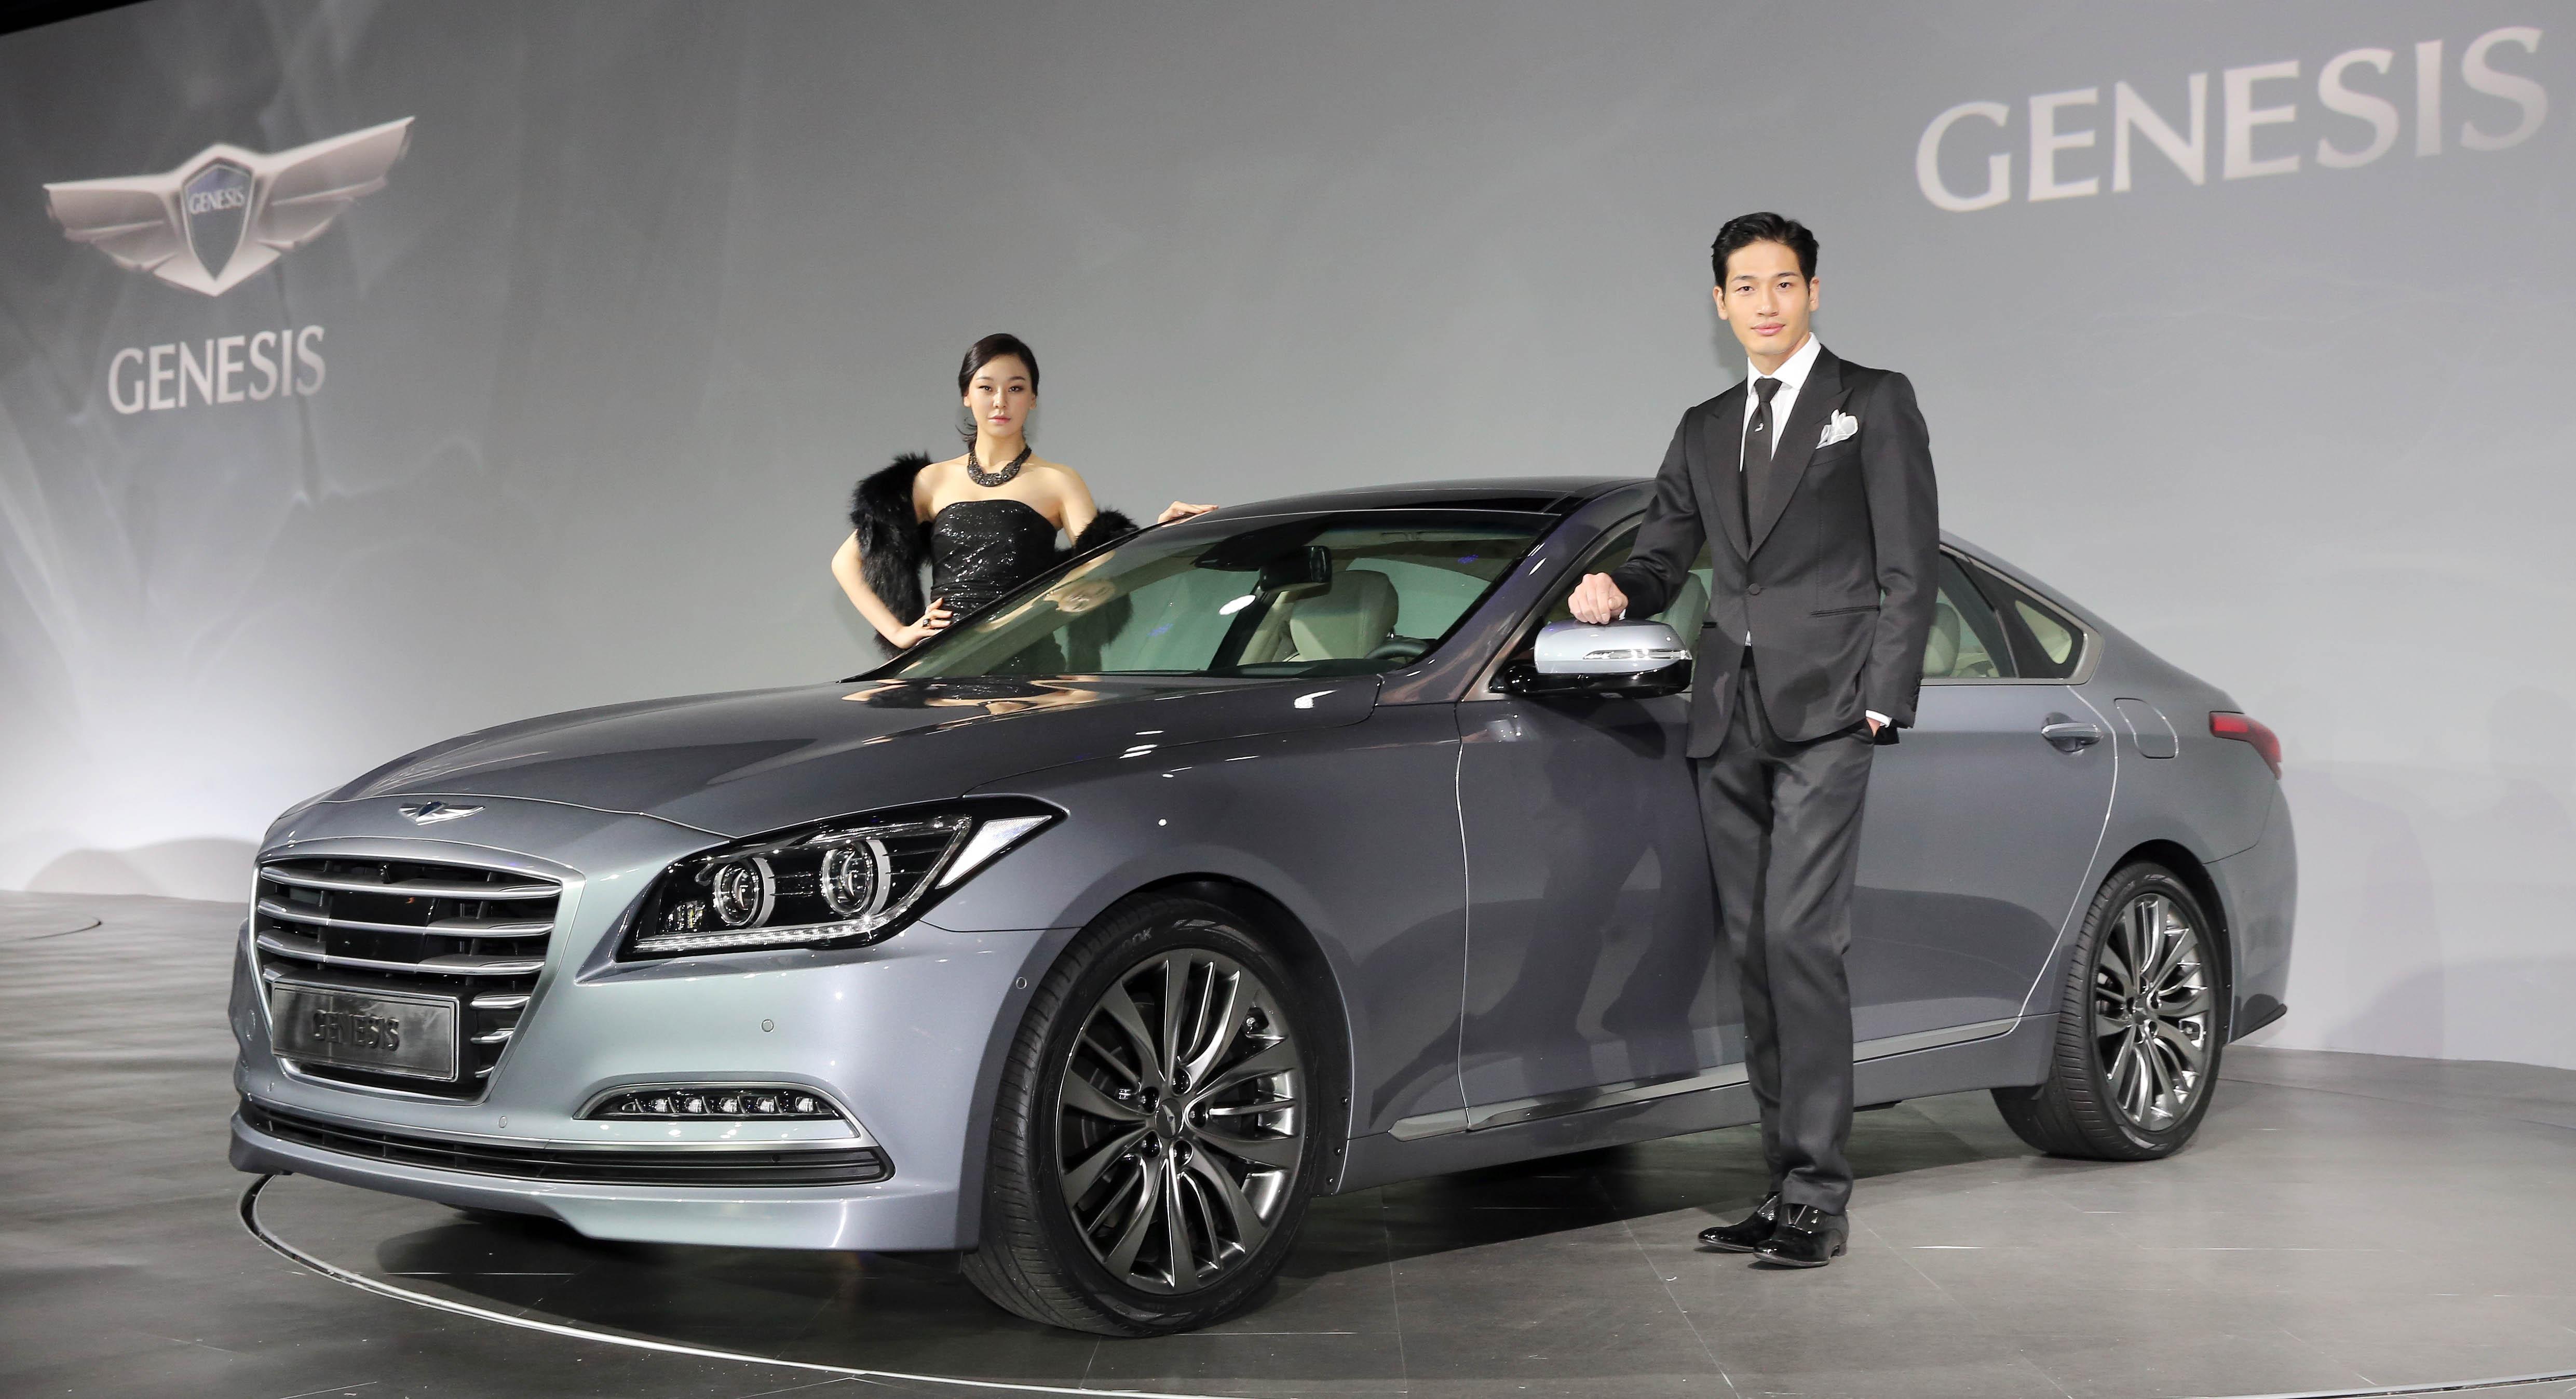 Hyundai Motor S New Genesis Aimed At European Car Market 비즈니스